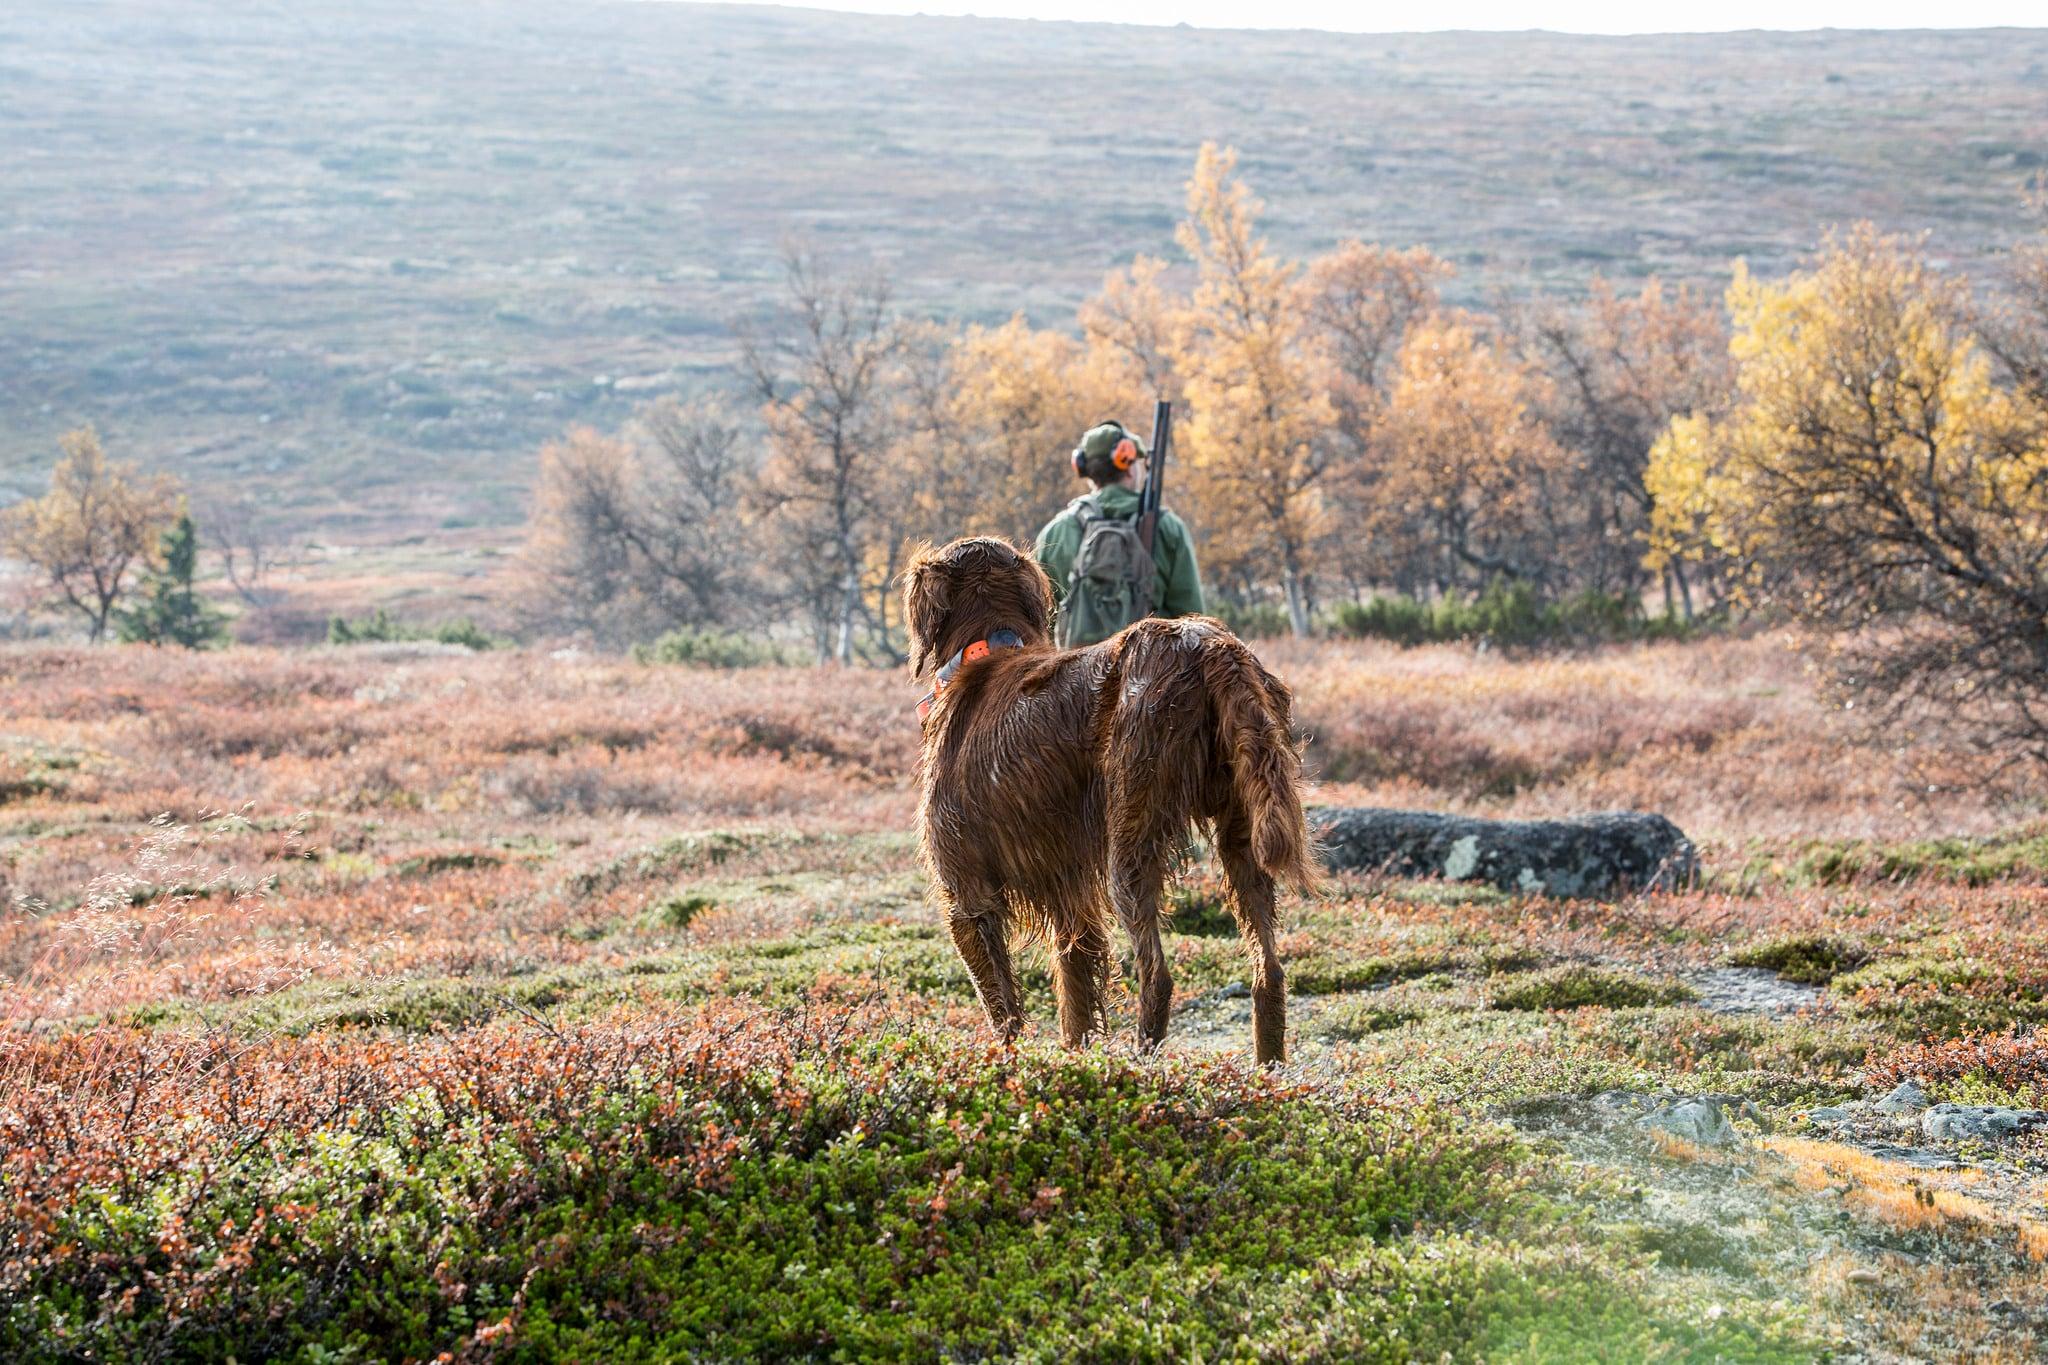 Svenska Kennelklubben vill att norska jakthundar stannar hemma, tills det finns klarhet i vad som orsakat sjukdomsutbrottet.